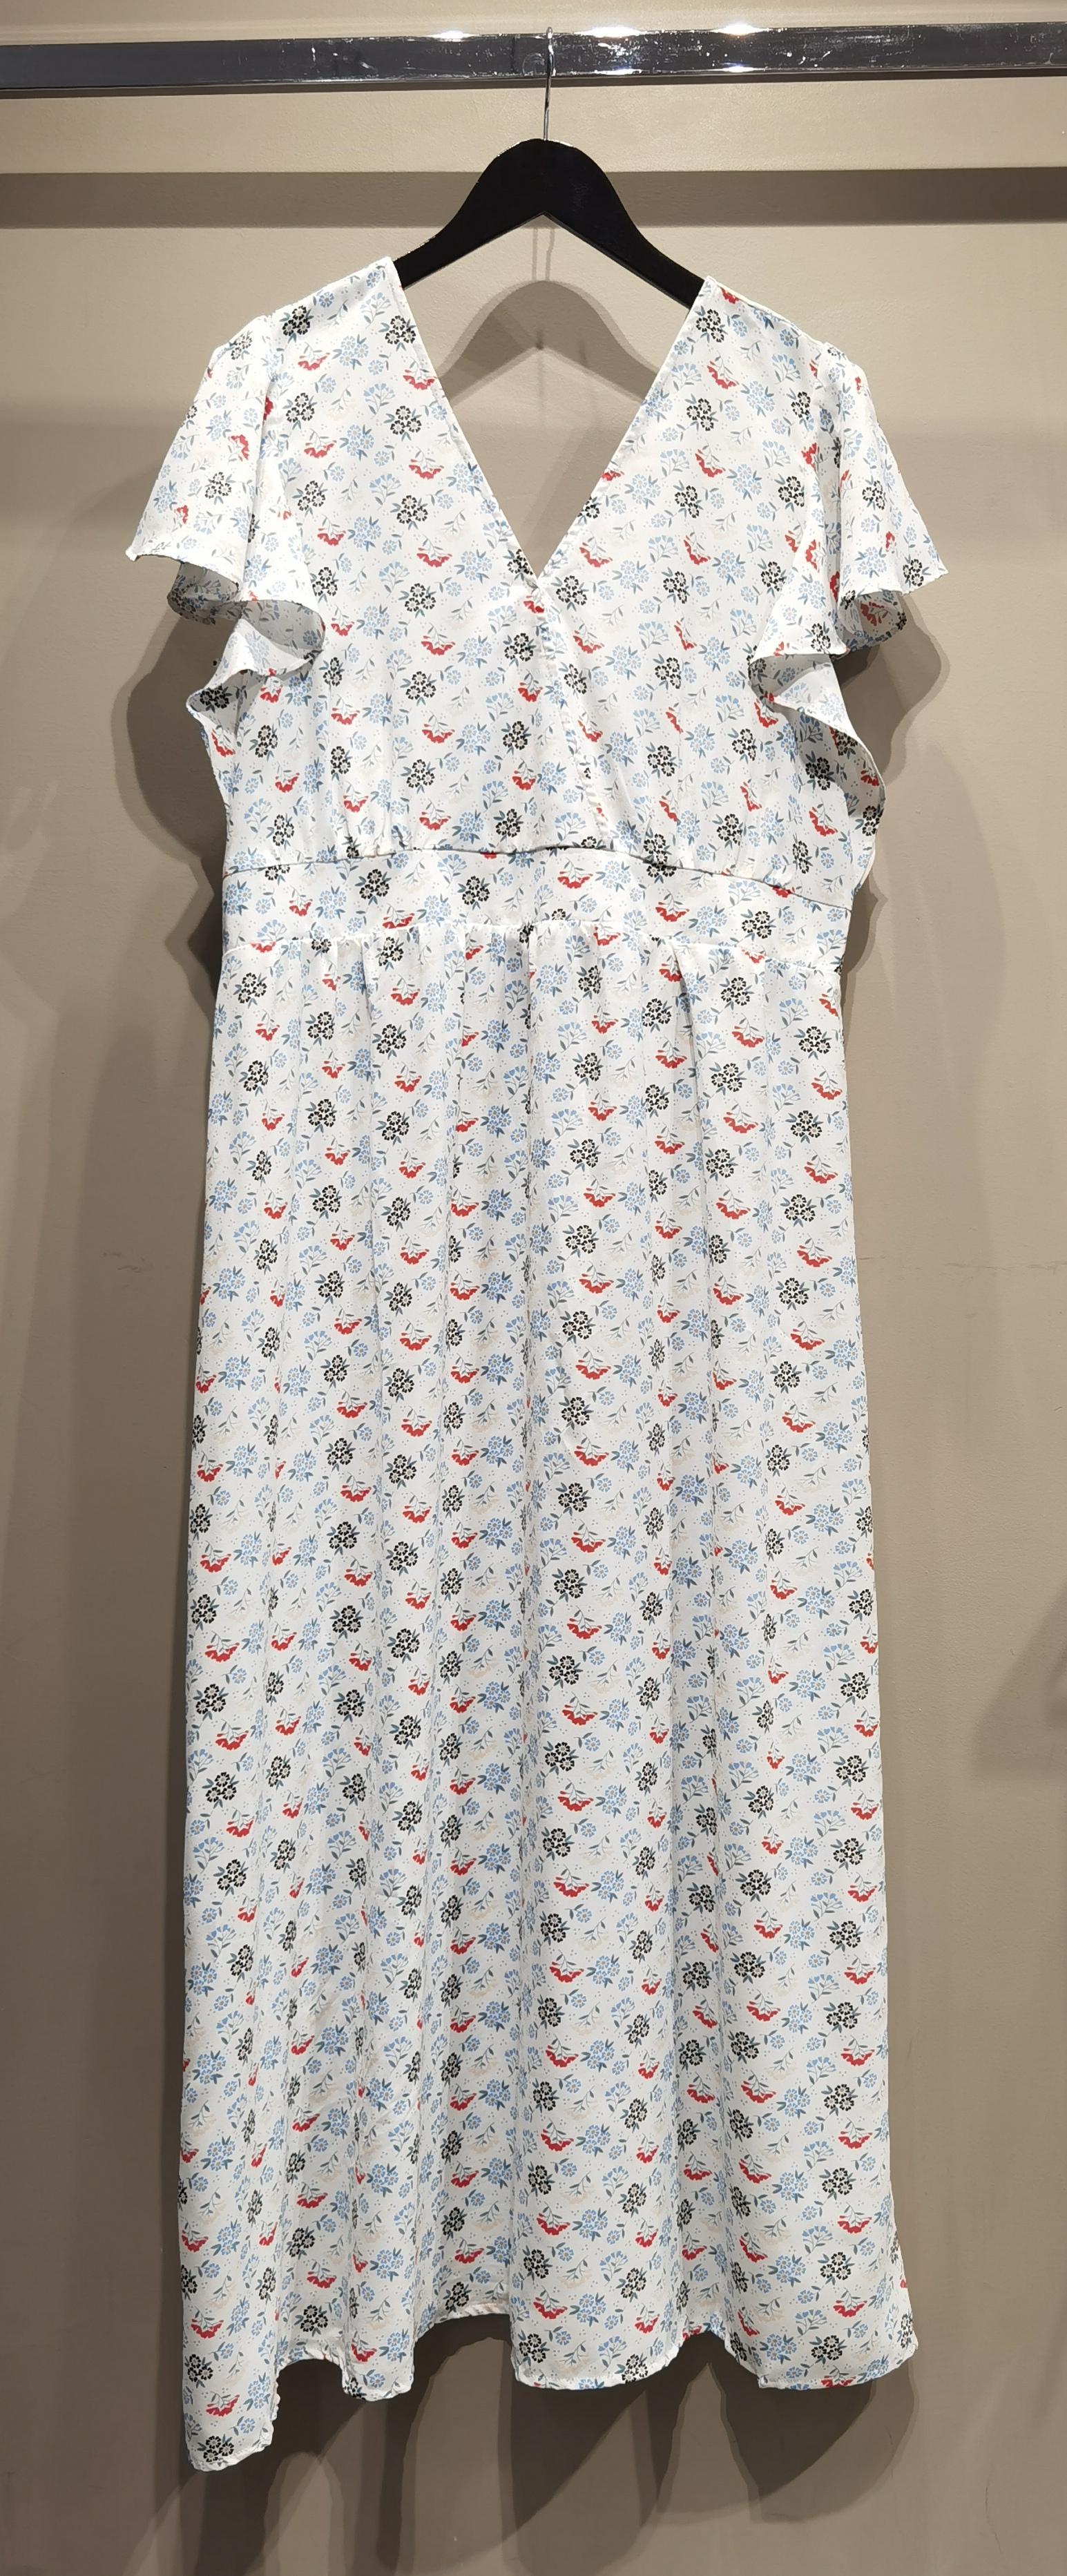 Robes longues Femme Blanc S by Suzie C3090R #c eFashion Paris